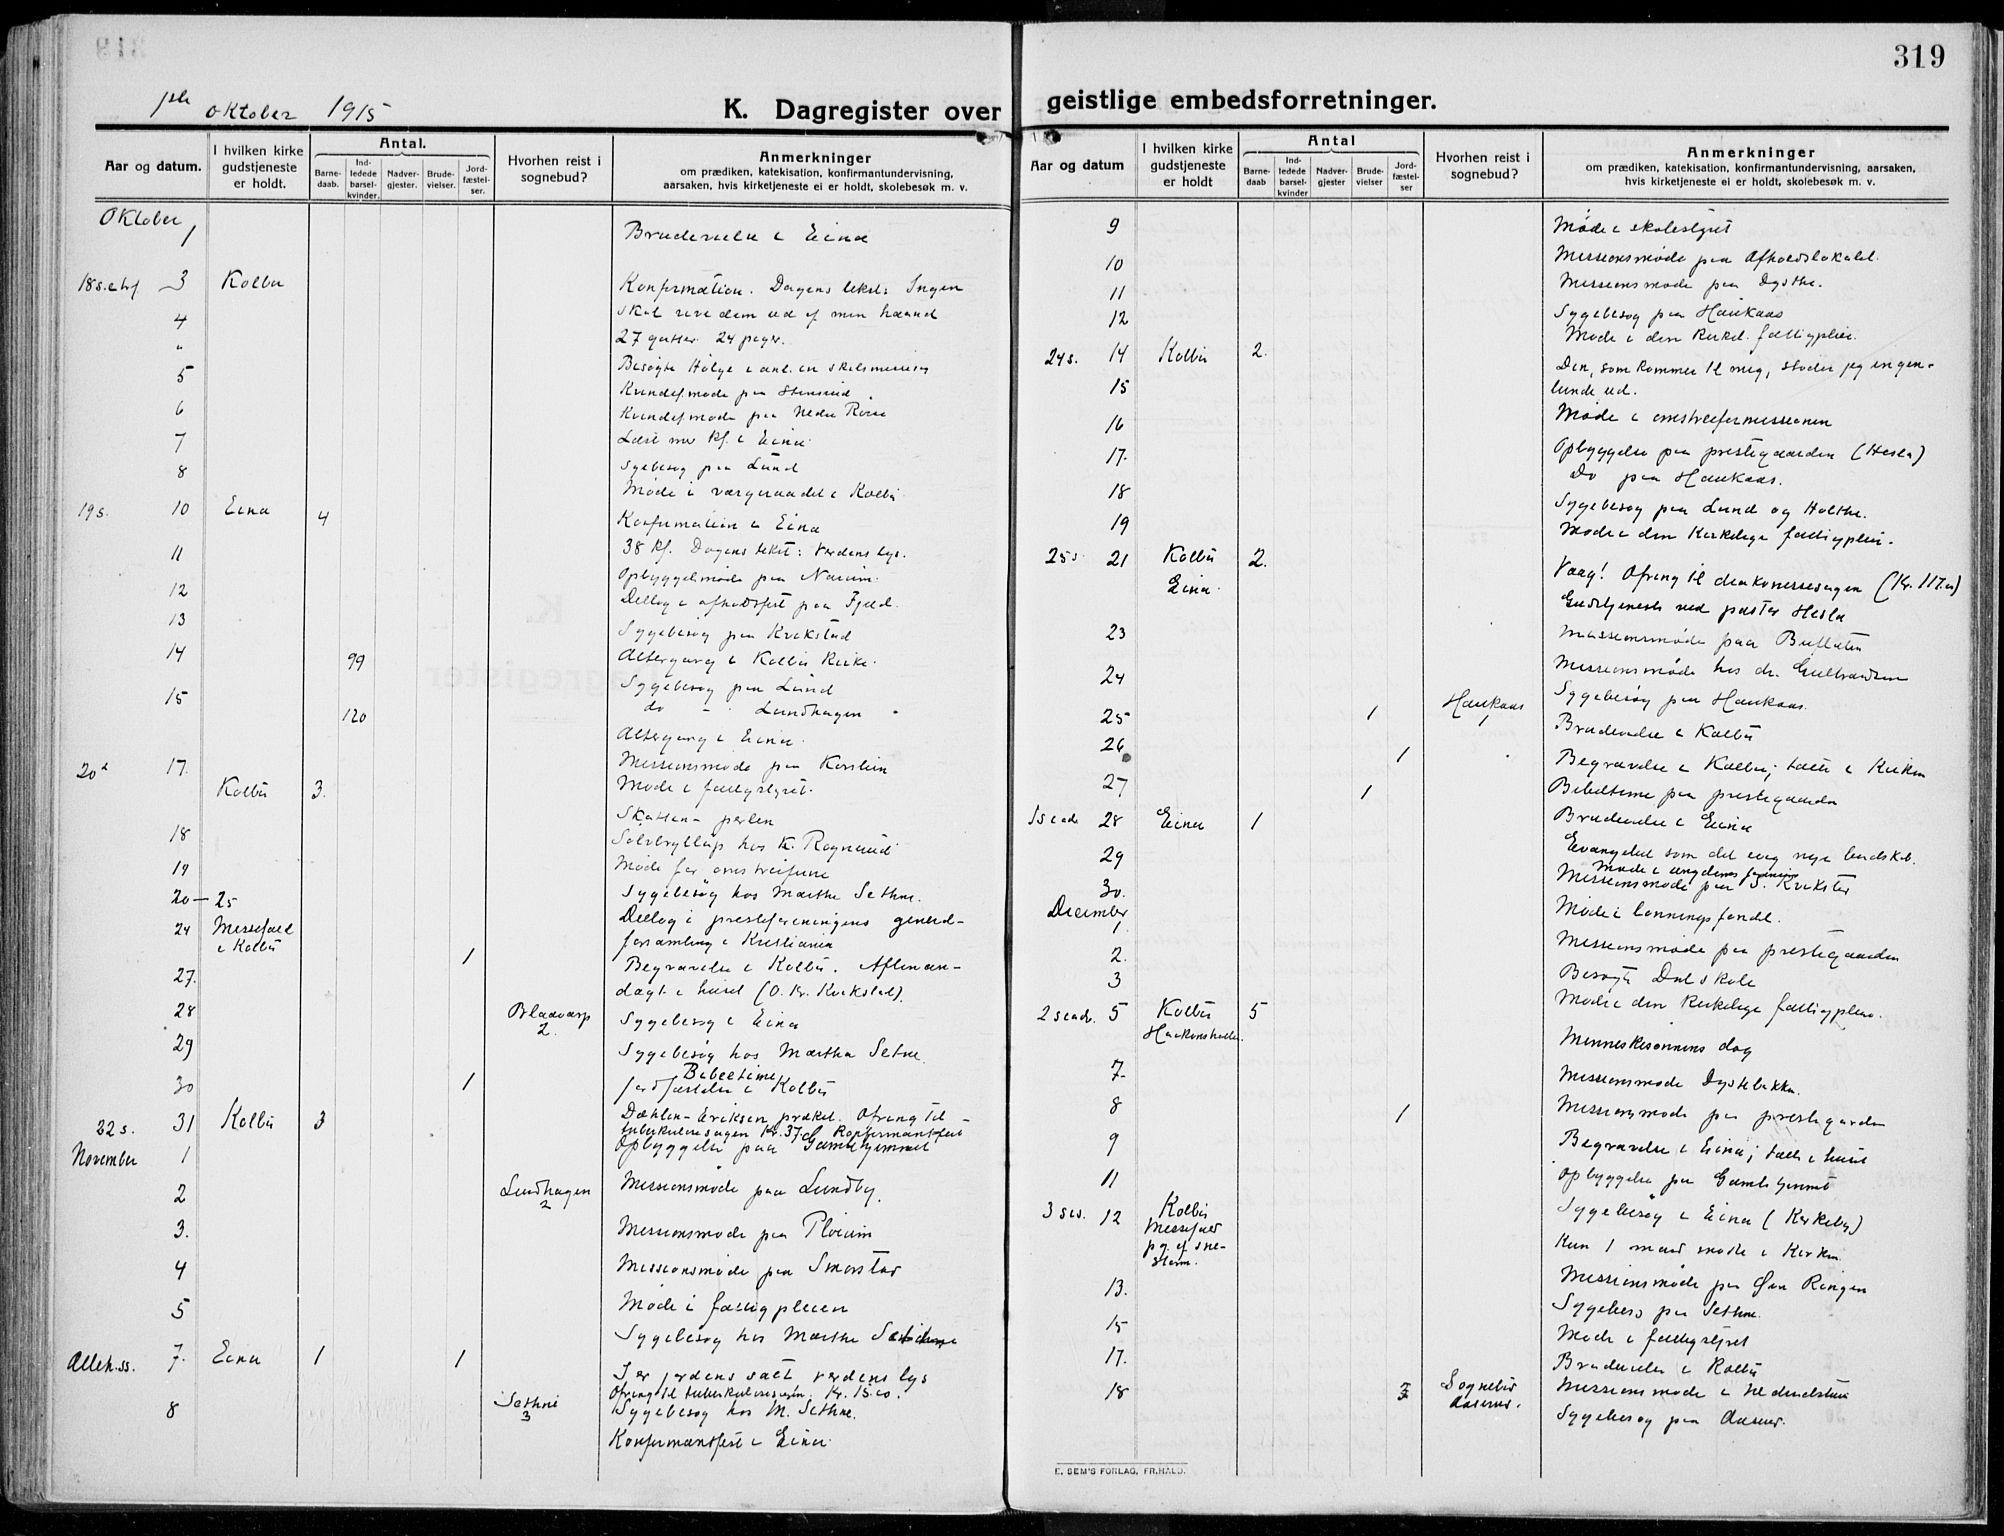 SAH, Kolbu prestekontor, Ministerialbok nr. 2, 1912-1926, s. 319